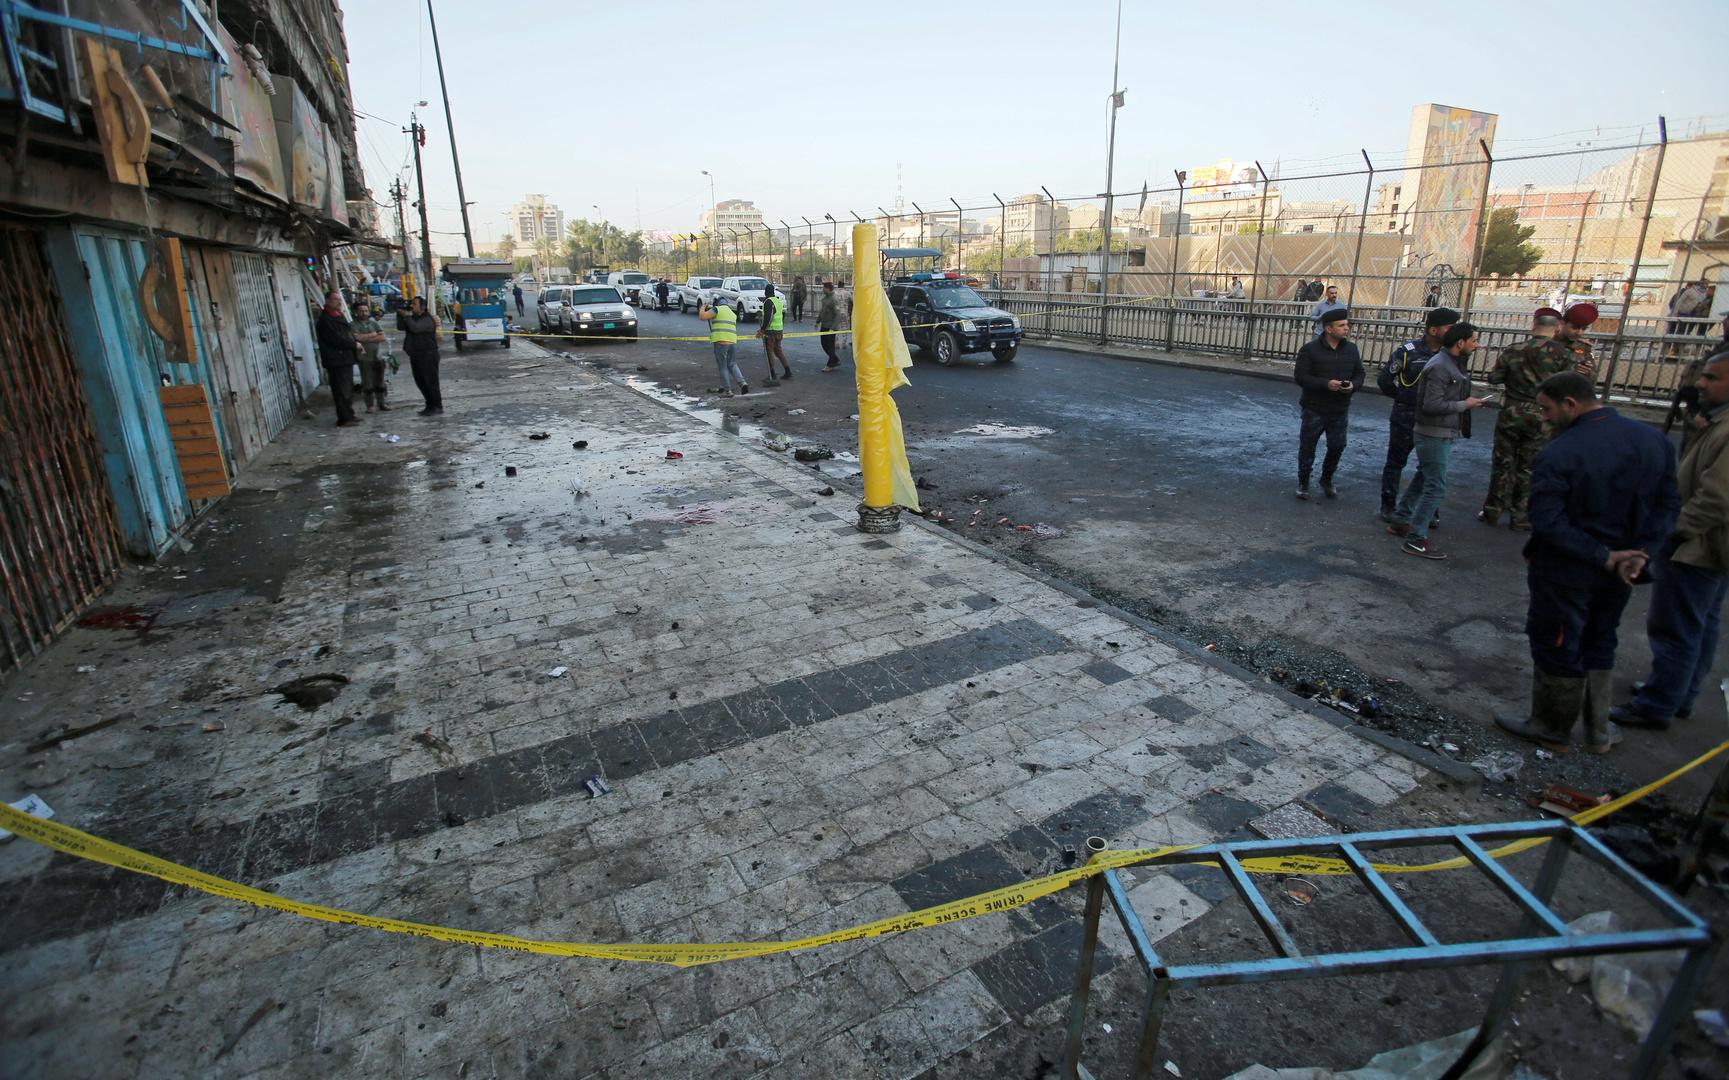 القيادة المركزية: انفجارات جنوب بغداد لم تكن ناتجة عن عمل عسكري أمريكي